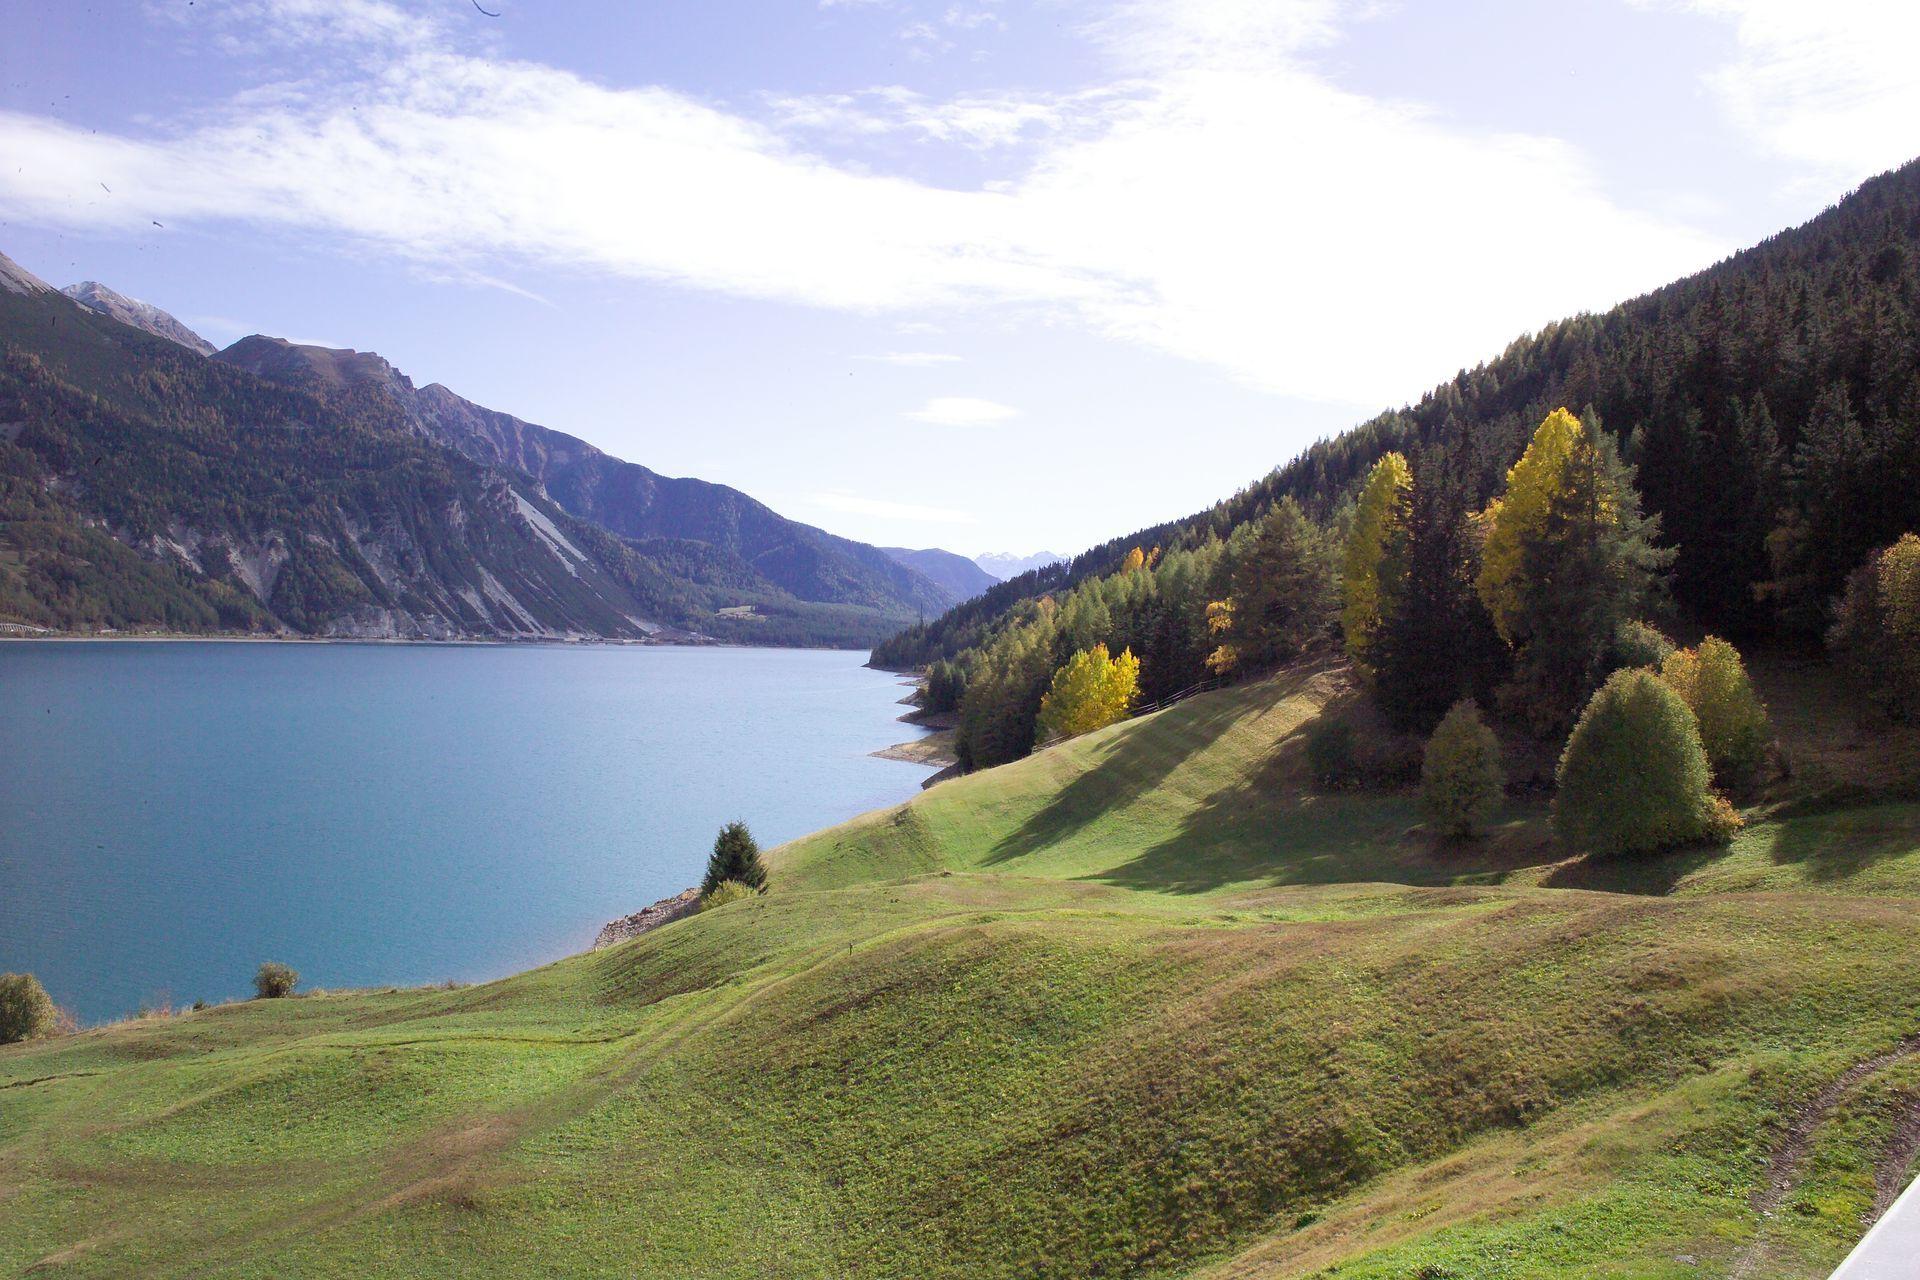 Giernhof am See Urlaub (mit Bildern) Urlaub, Reisen, See